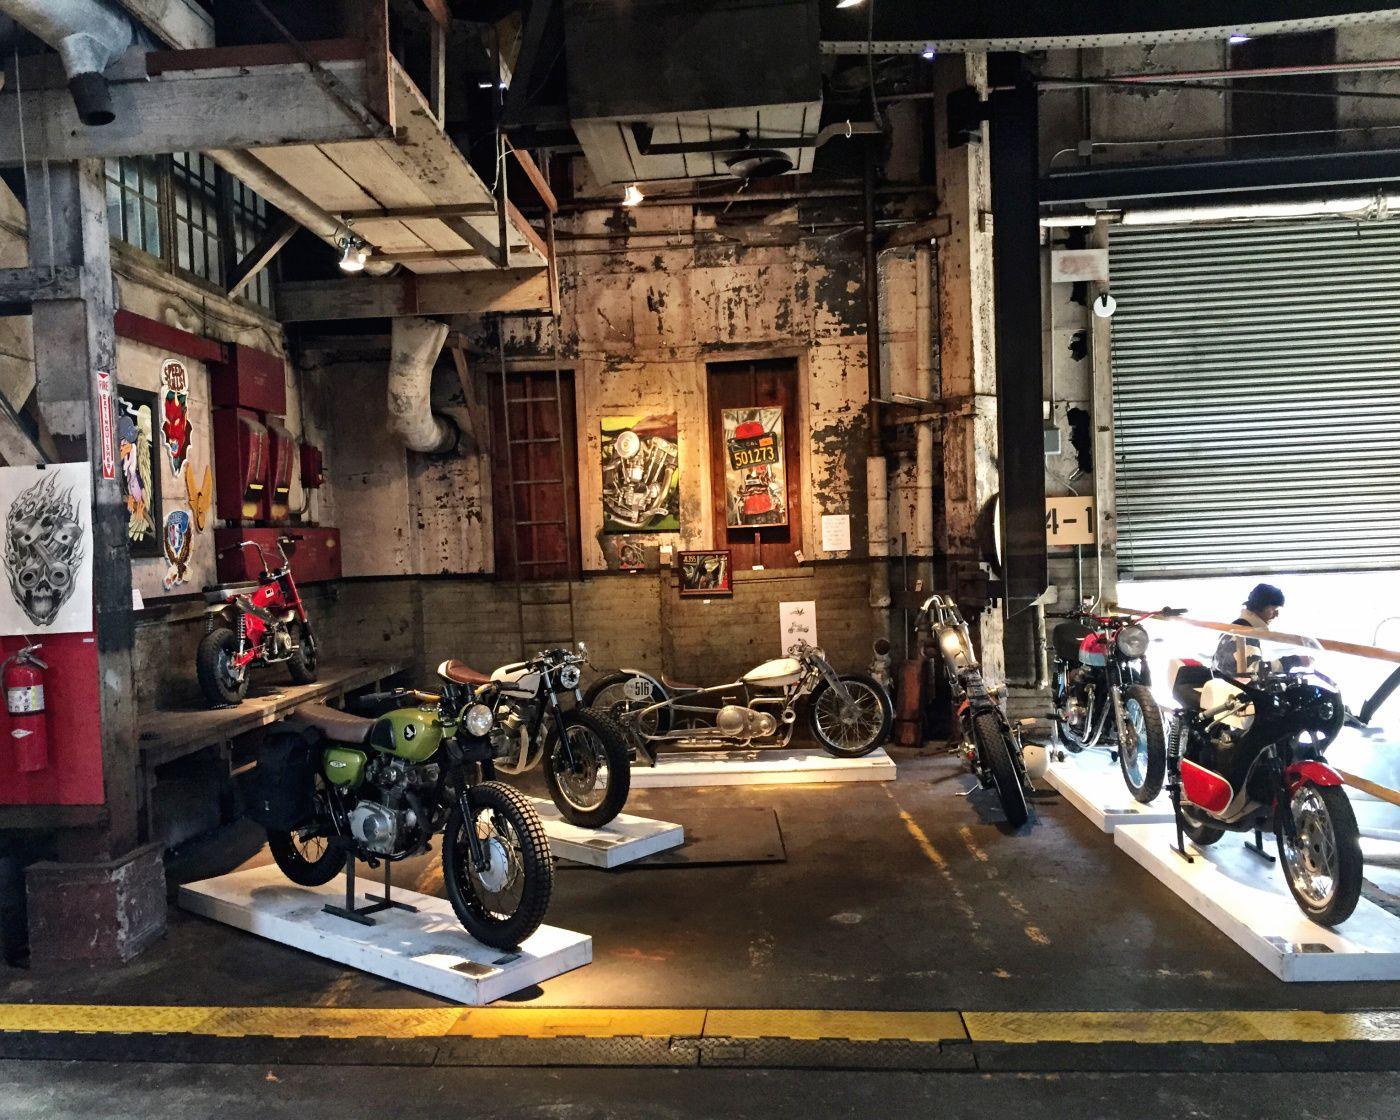 историческом красивые гонщики в гараже фото опухоль